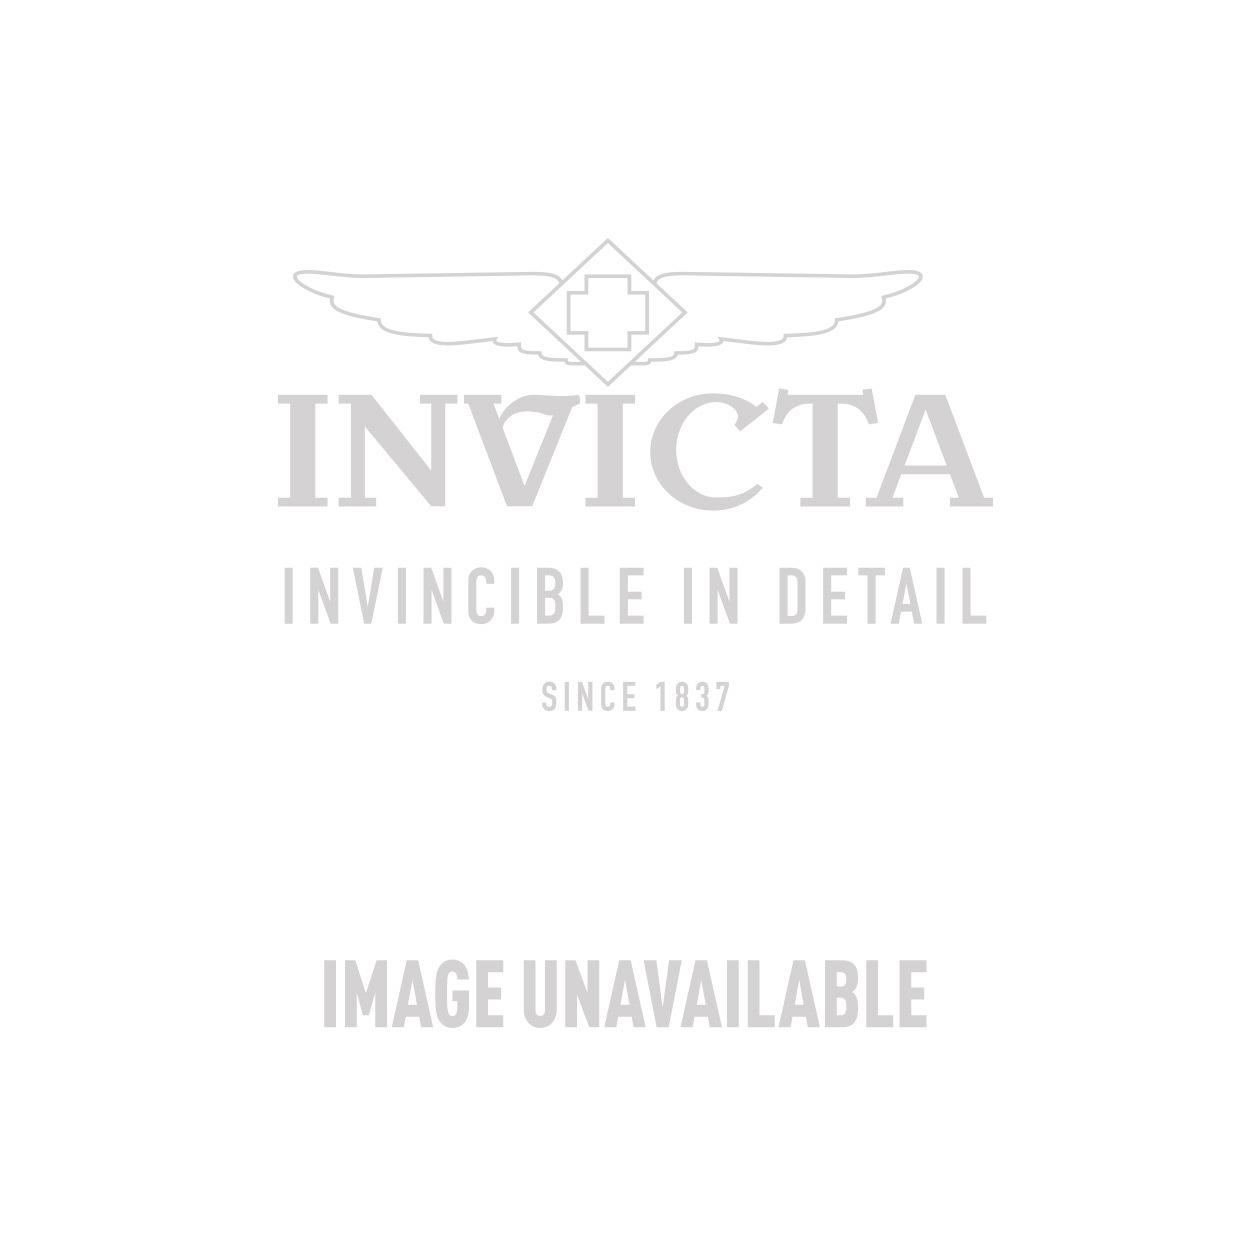 Invicta Model 23926